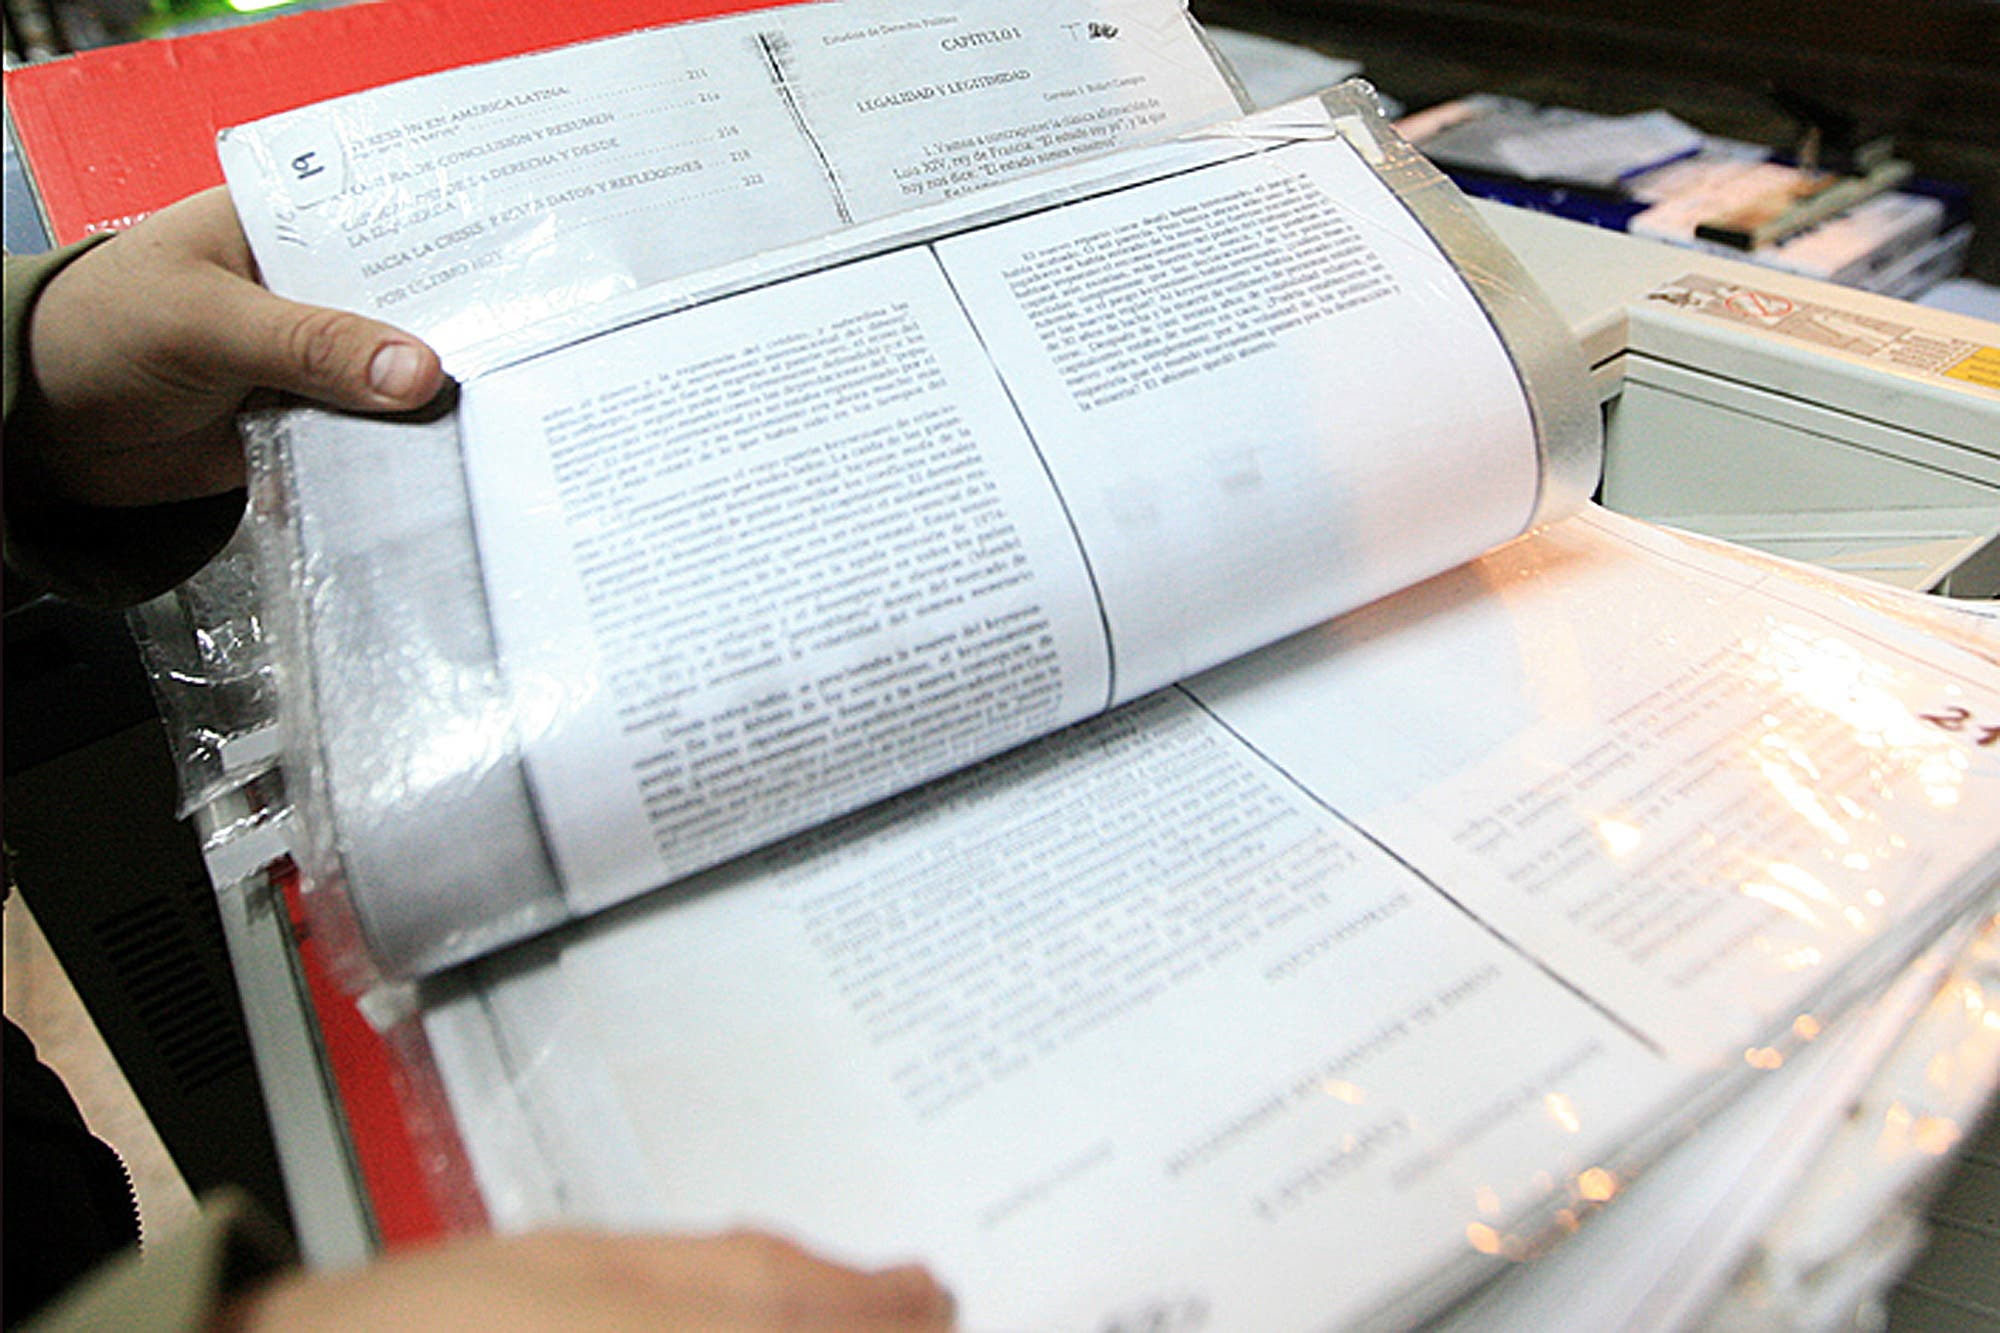 Drástica decisión de la UBA: le quita el control de las fotocopias a la FUBA